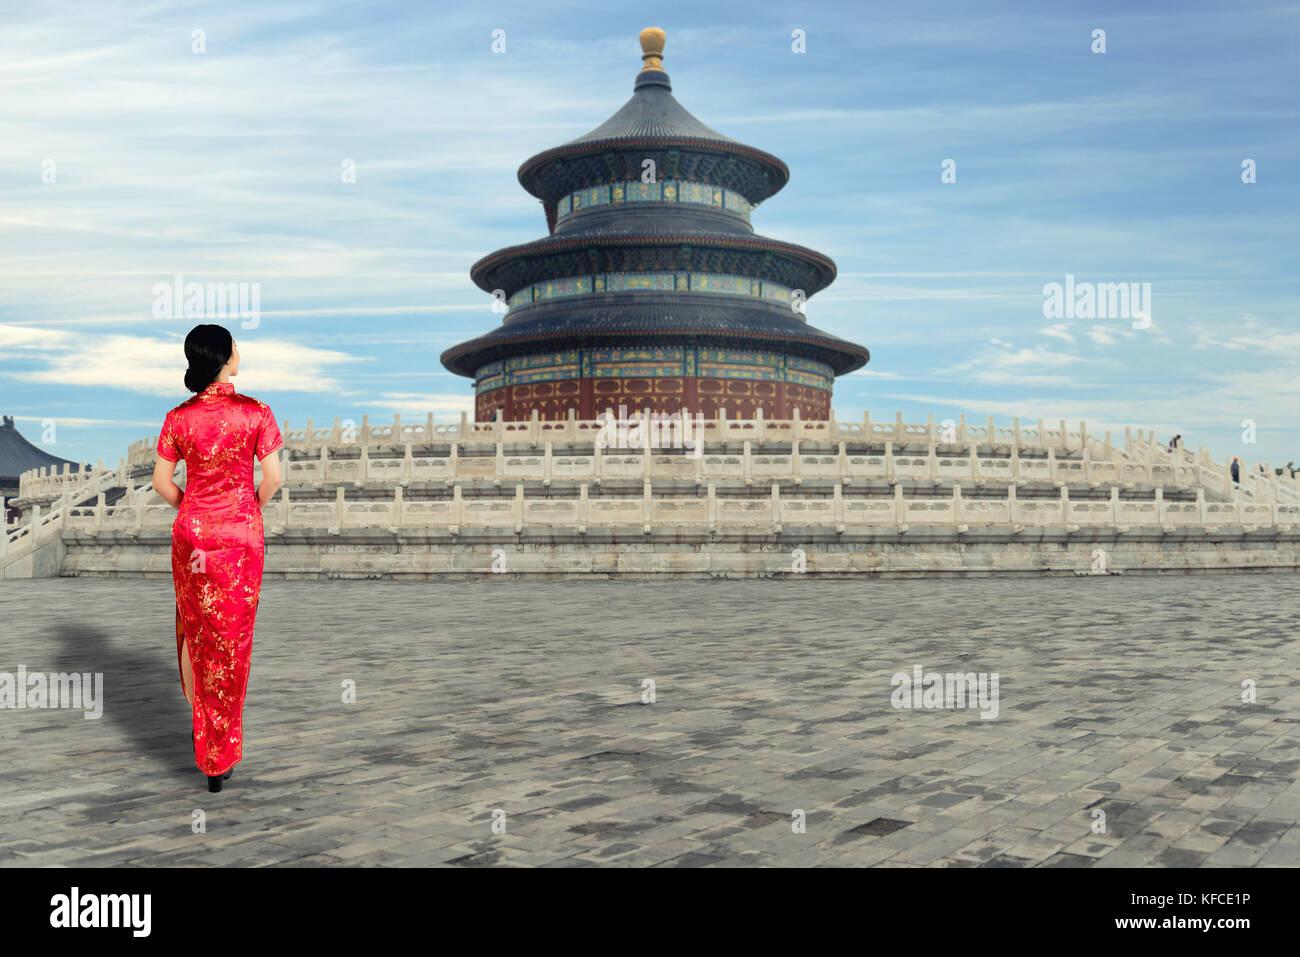 Asiatische junge Frau in alten traditionellen chinesischen Kleidern in der Himmelstempel in Peking, China. Stockbild